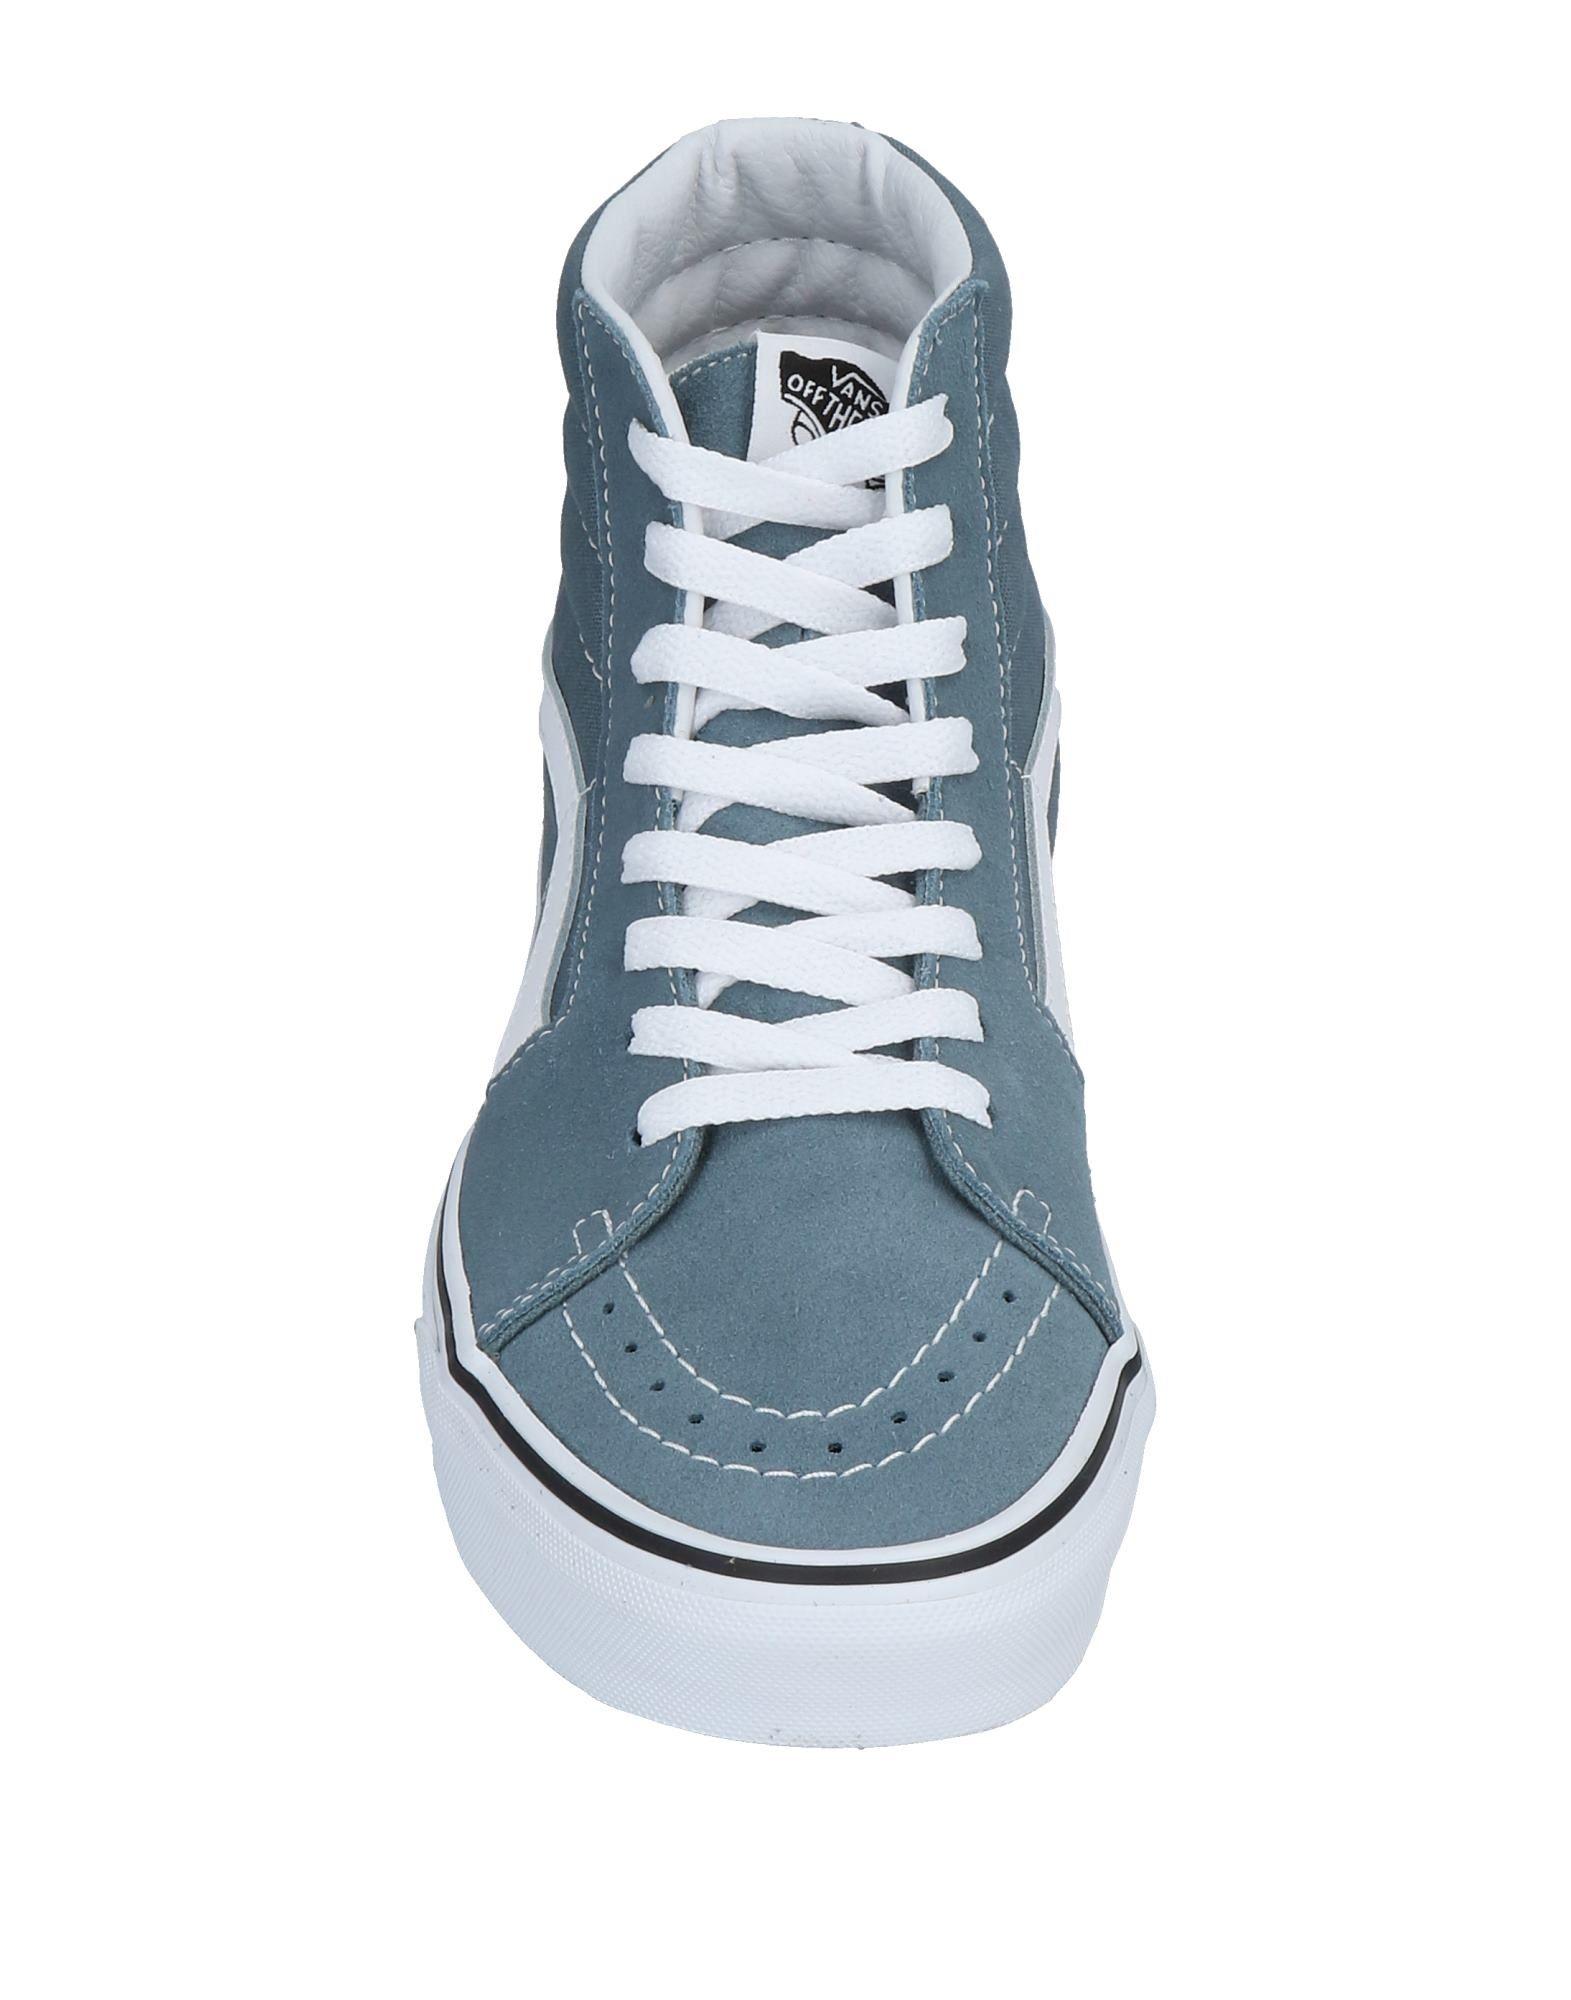 Rabatt Vans echte Schuhe Vans Rabatt Sneakers Herren  11476138CH 1c8e9a